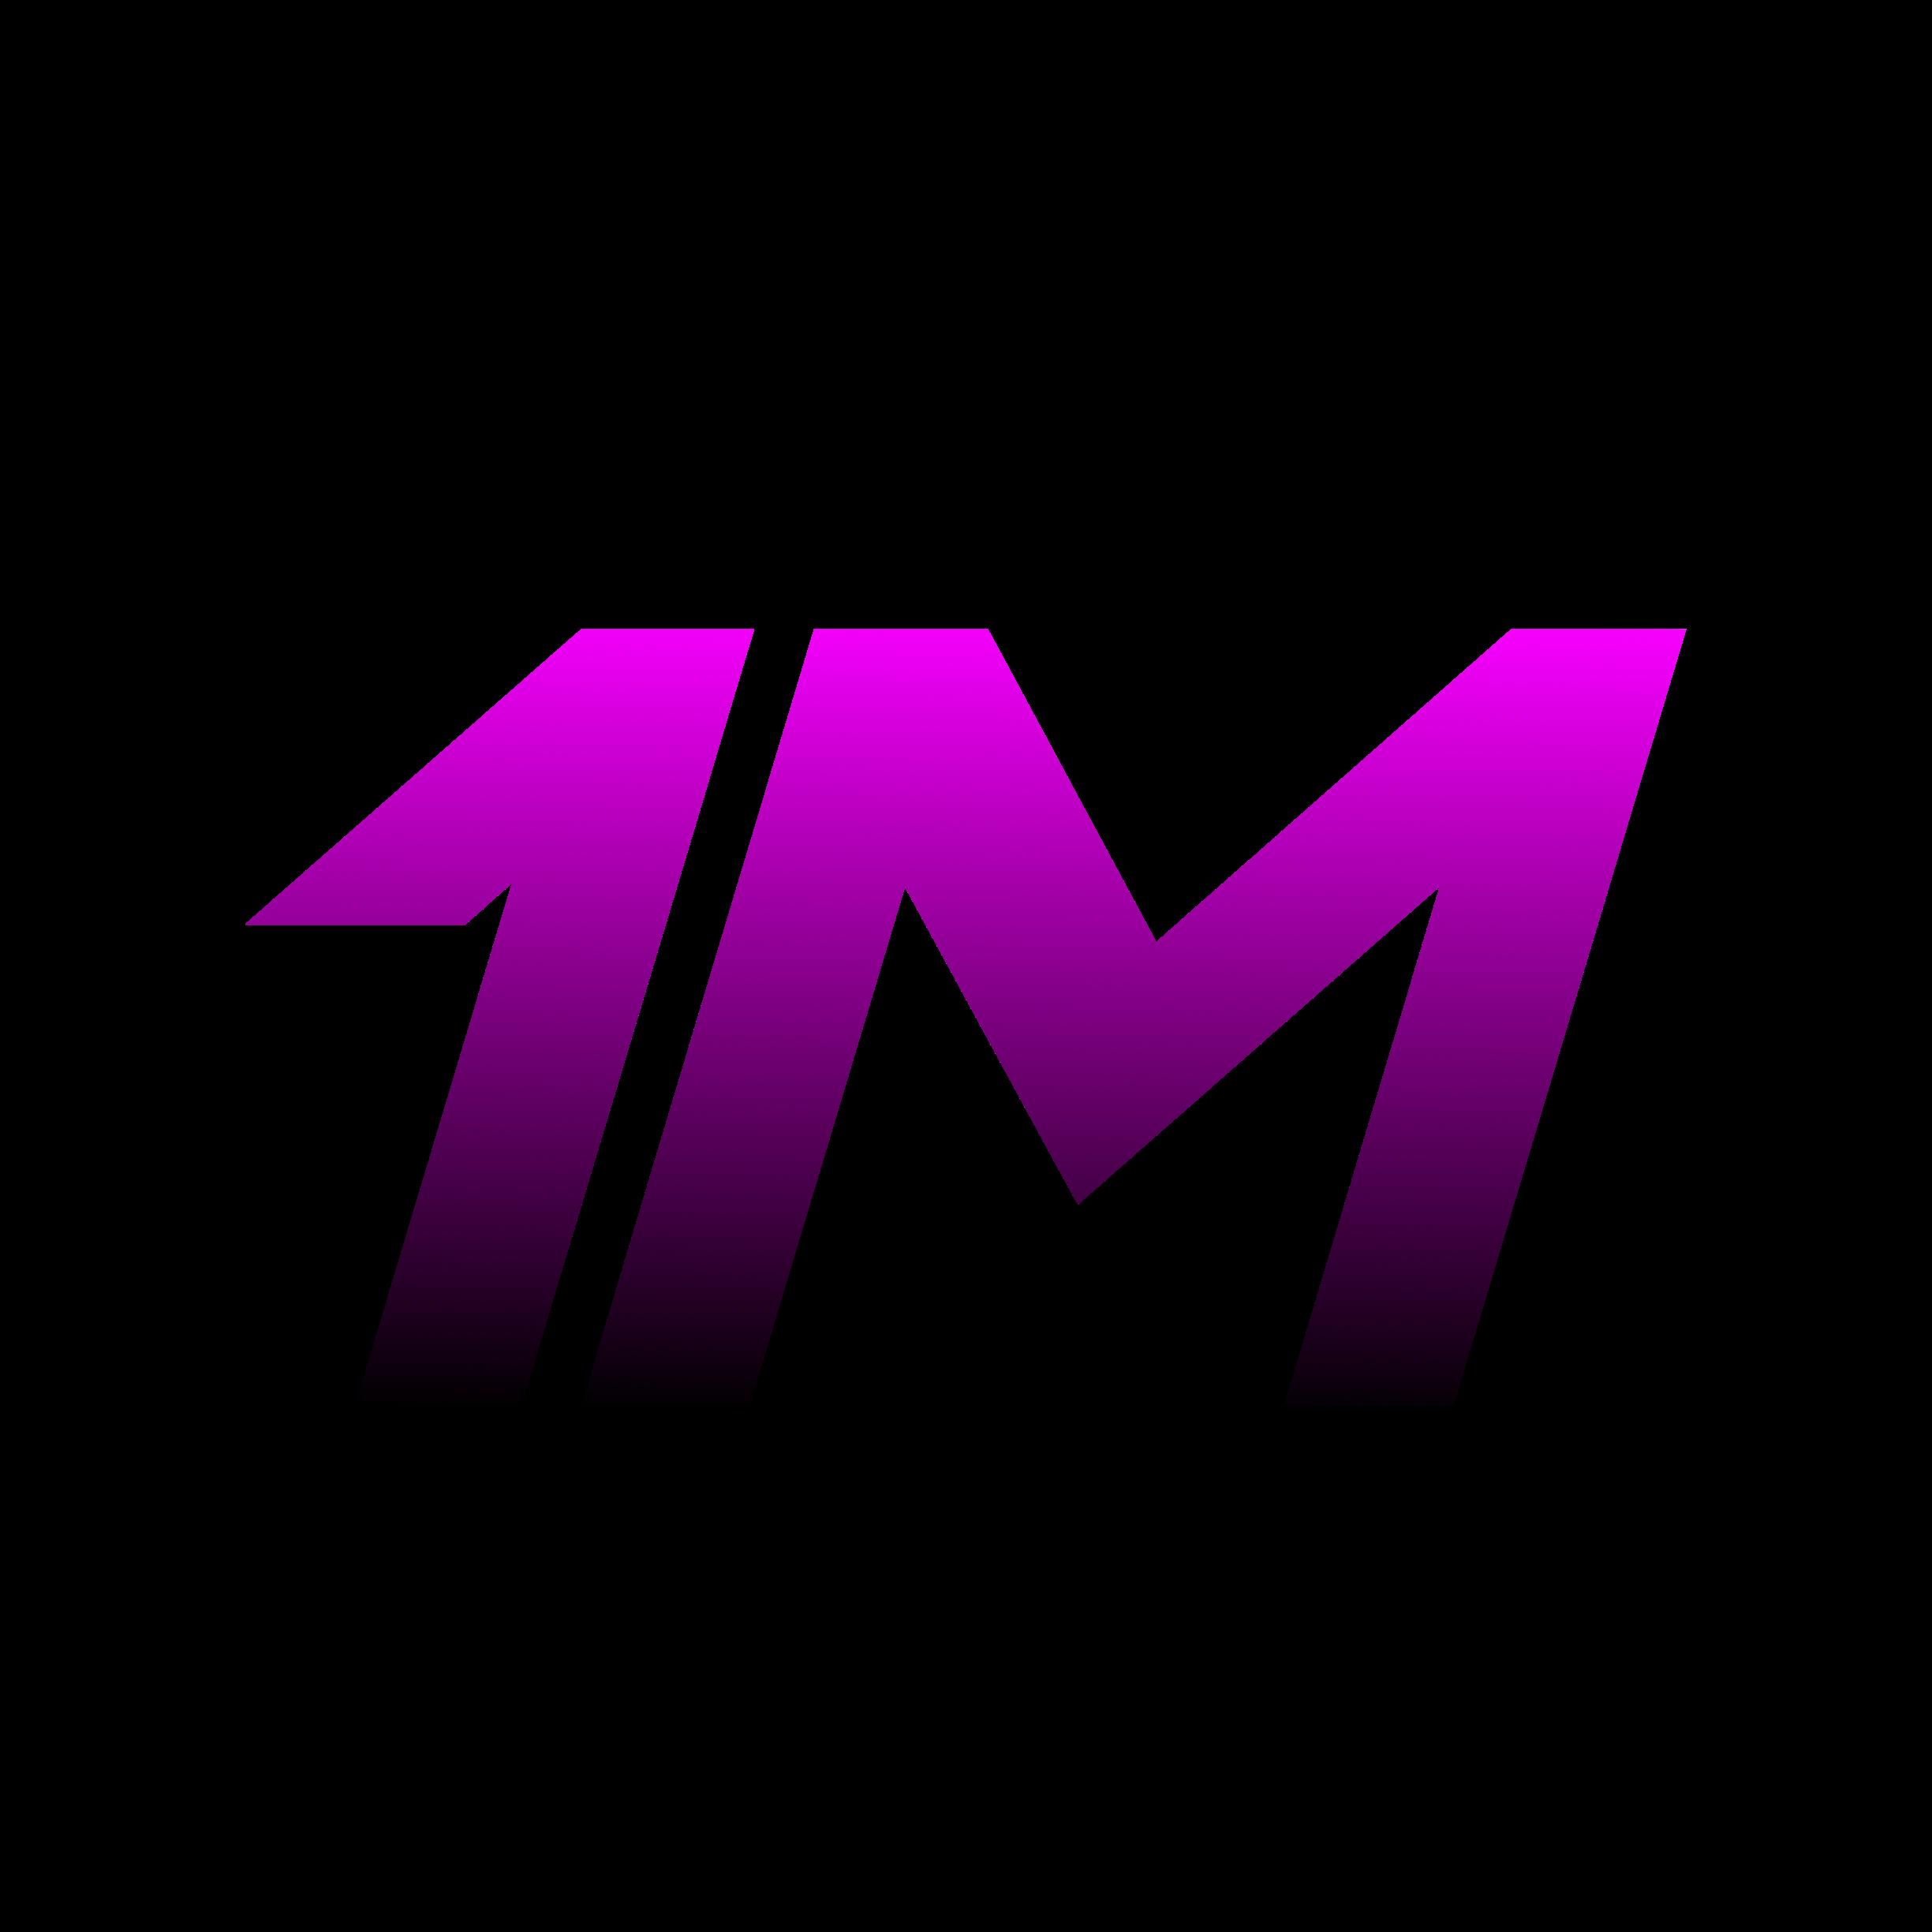 Team 1M